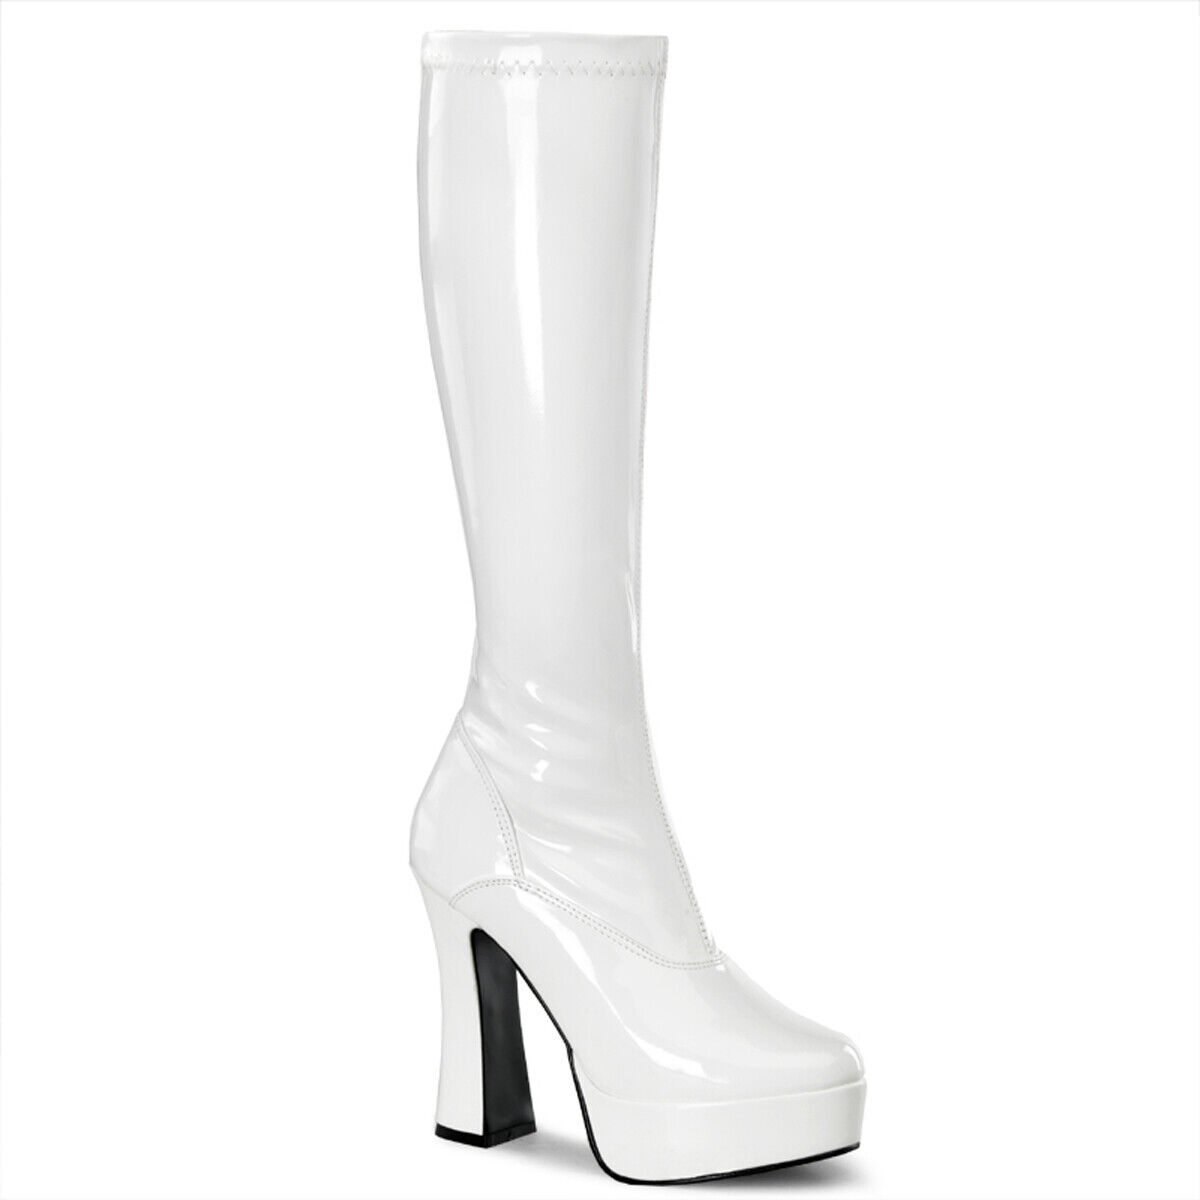 Pleaser Electra - 2000Z blancoo Patente Elástico Plataforma botas Hasta La Rodilla Baile